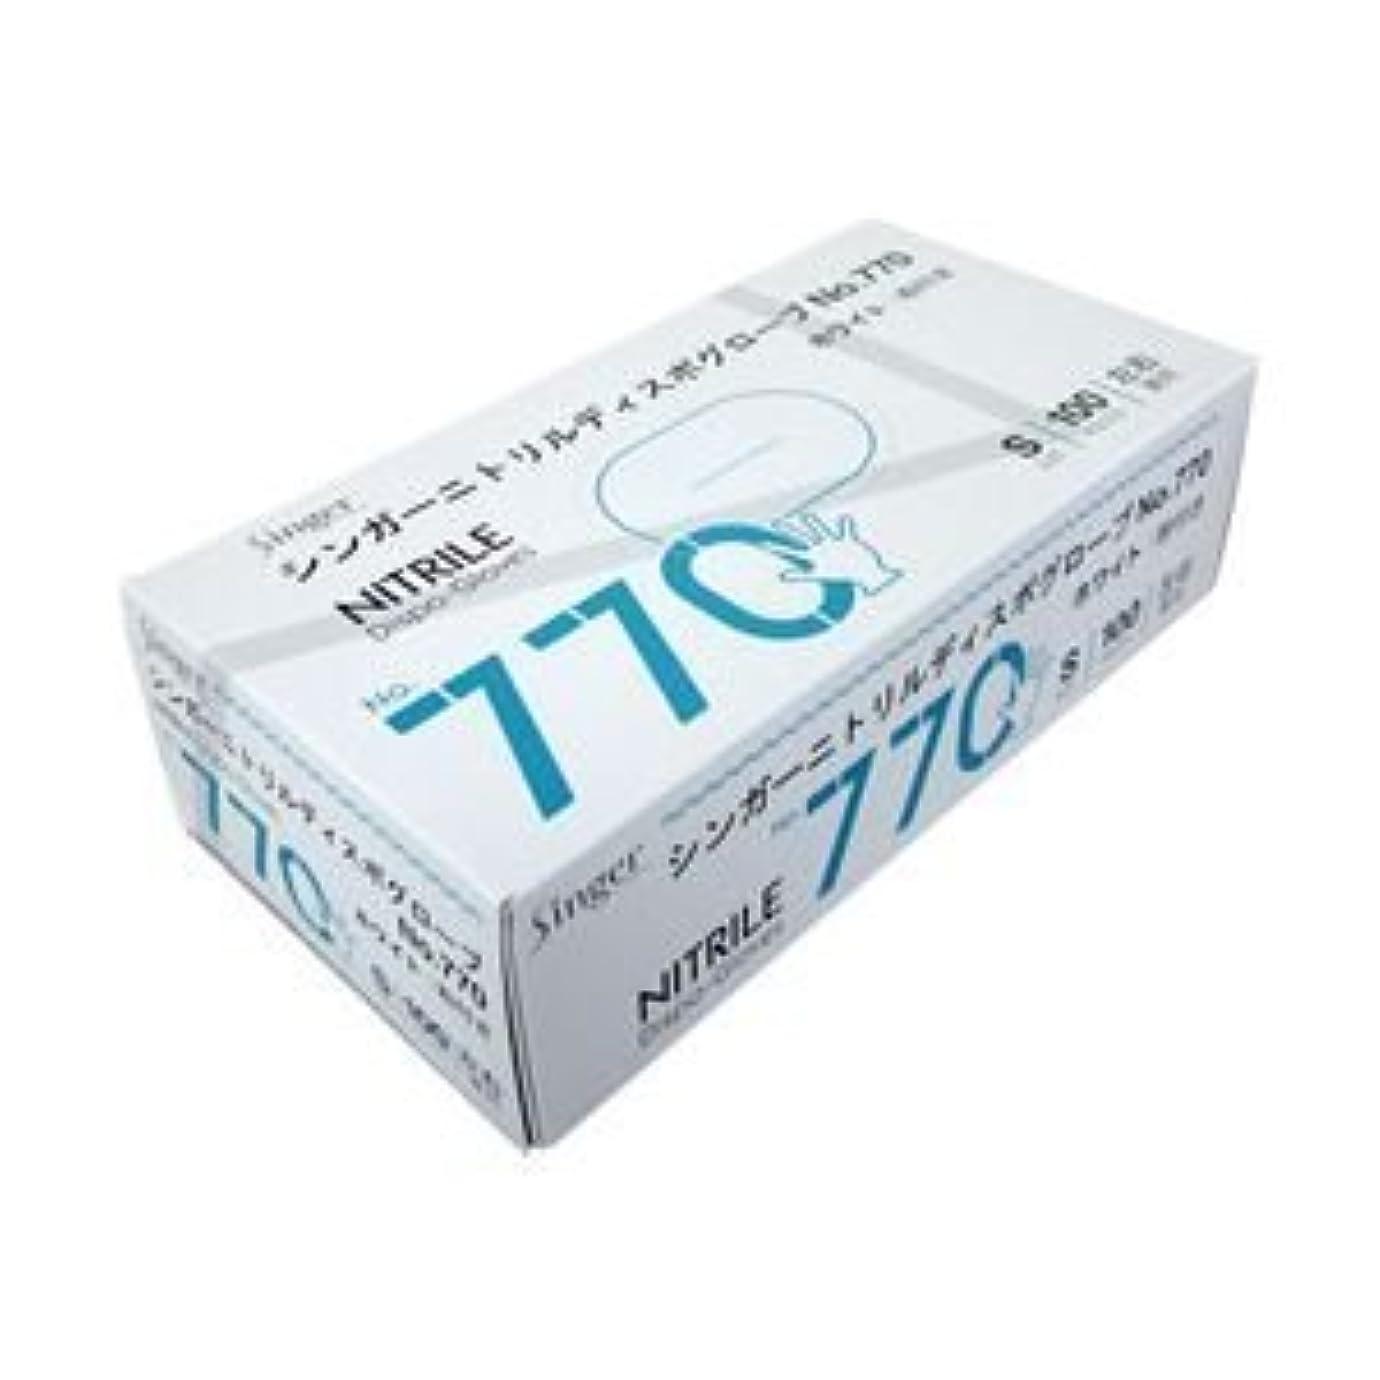 報酬のせがむトムオードリース宇都宮製作 ニトリル手袋770 粉付き S 1箱(100枚) ×5セット